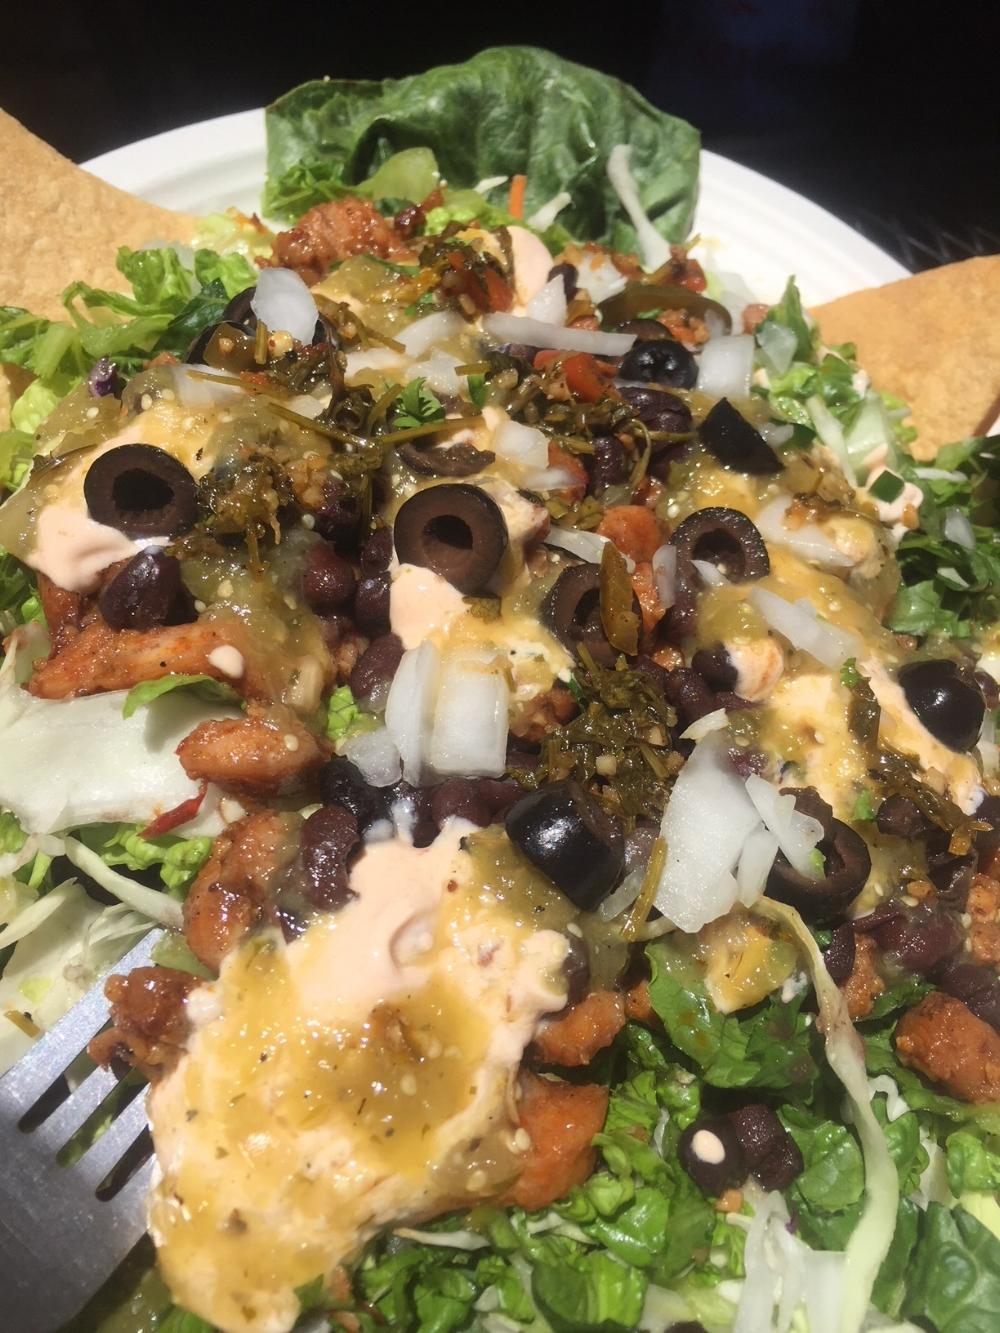 Chipolte Chicken Salad with chipolte sour cream